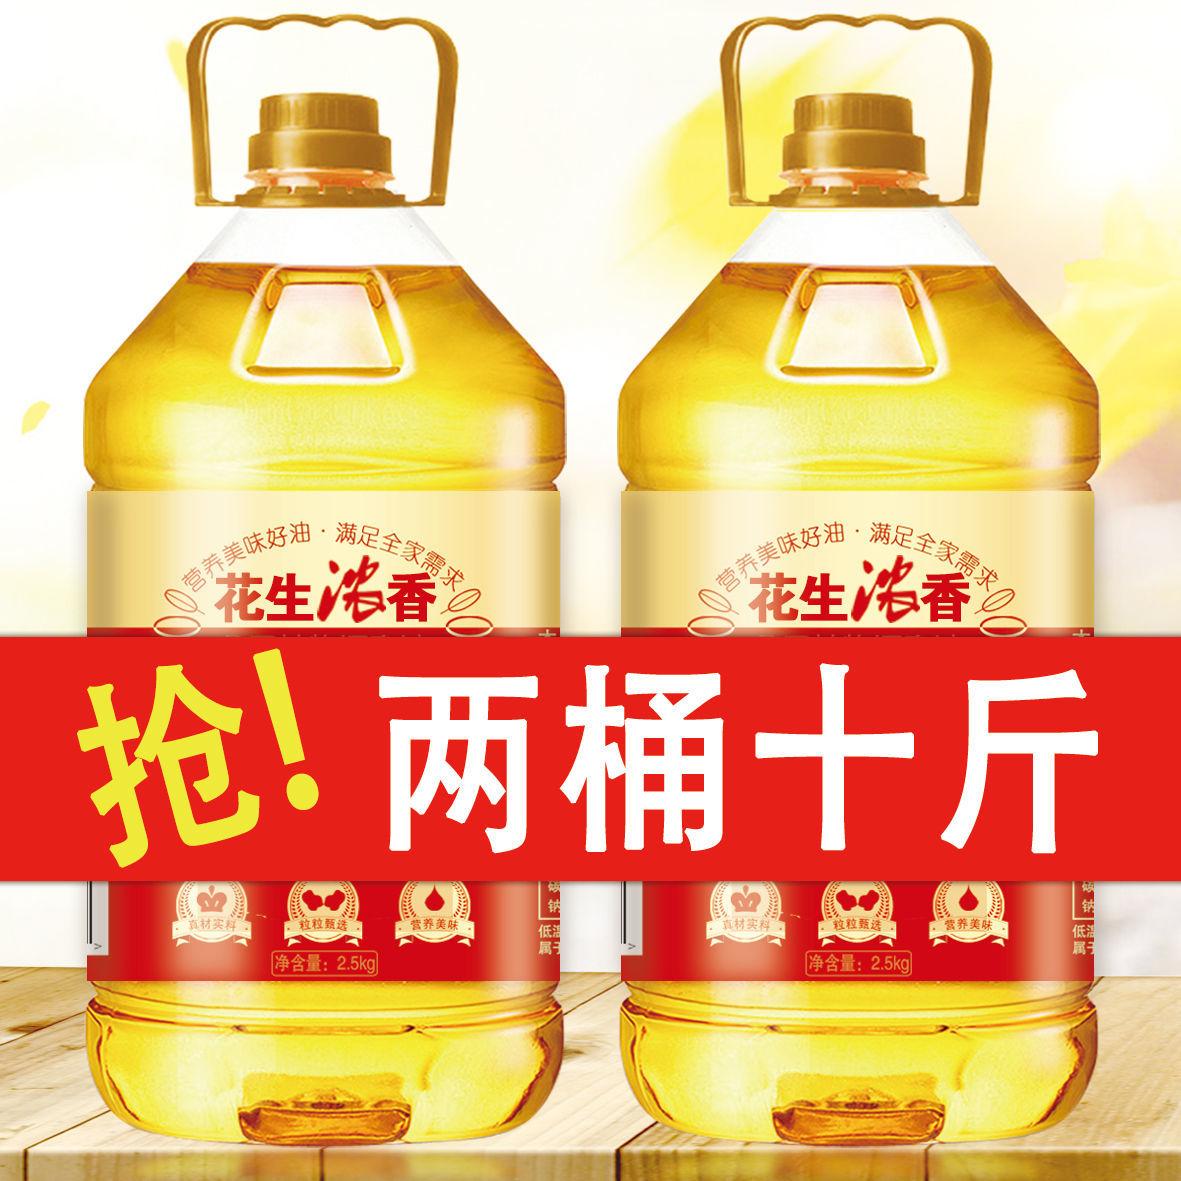 【抢完即止】花生油非转基因食用油调和油